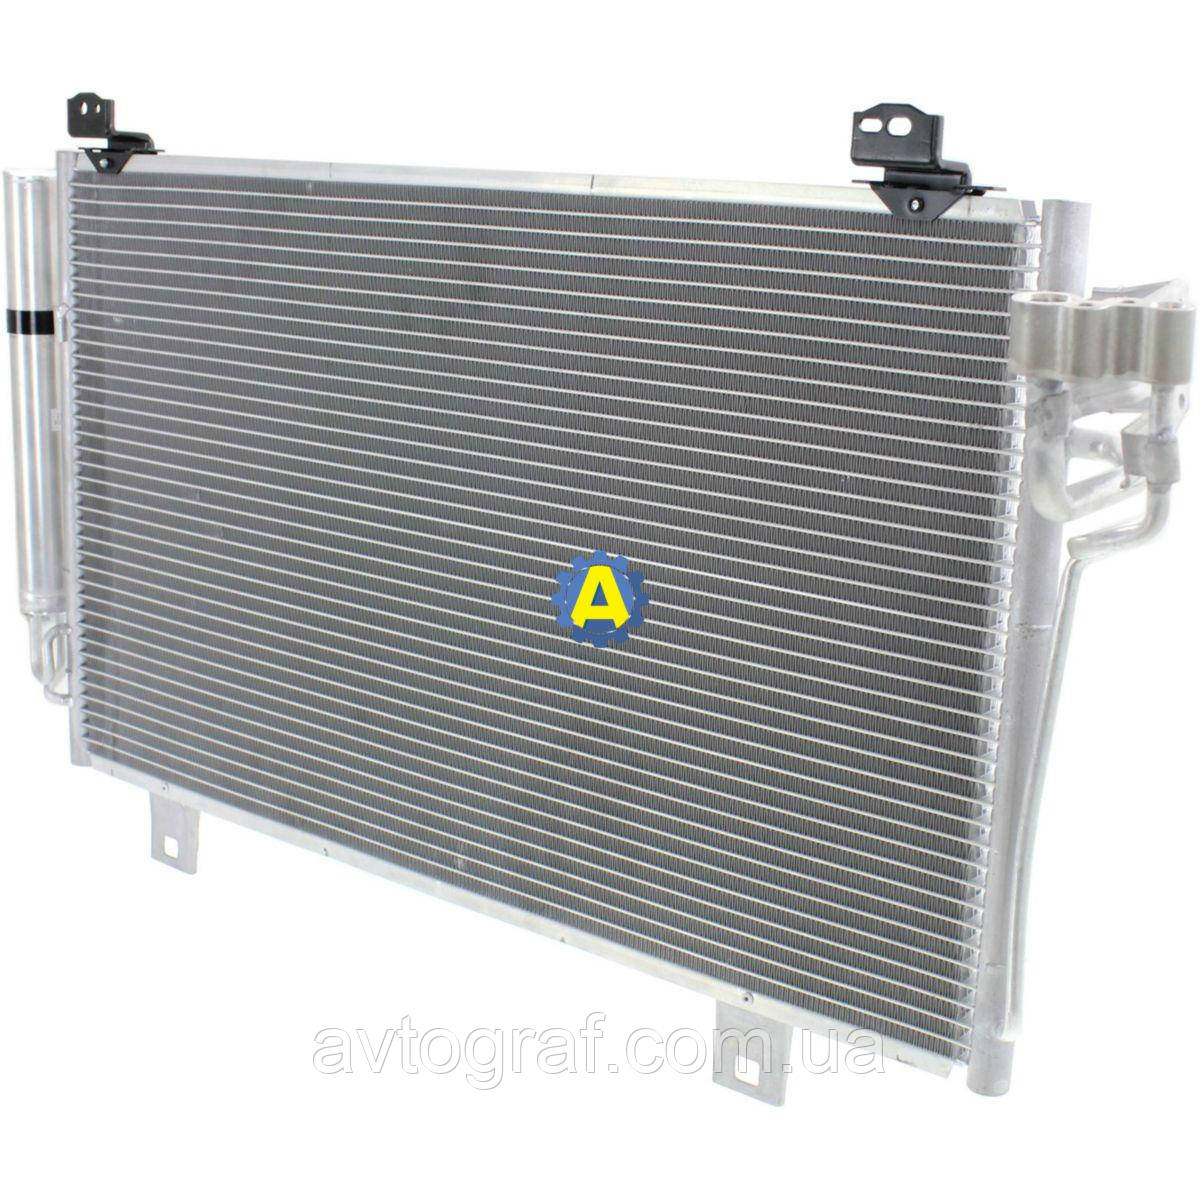 Радиатор кондиционера на Мазда 6 (Mazda 6 ) 2013-2016